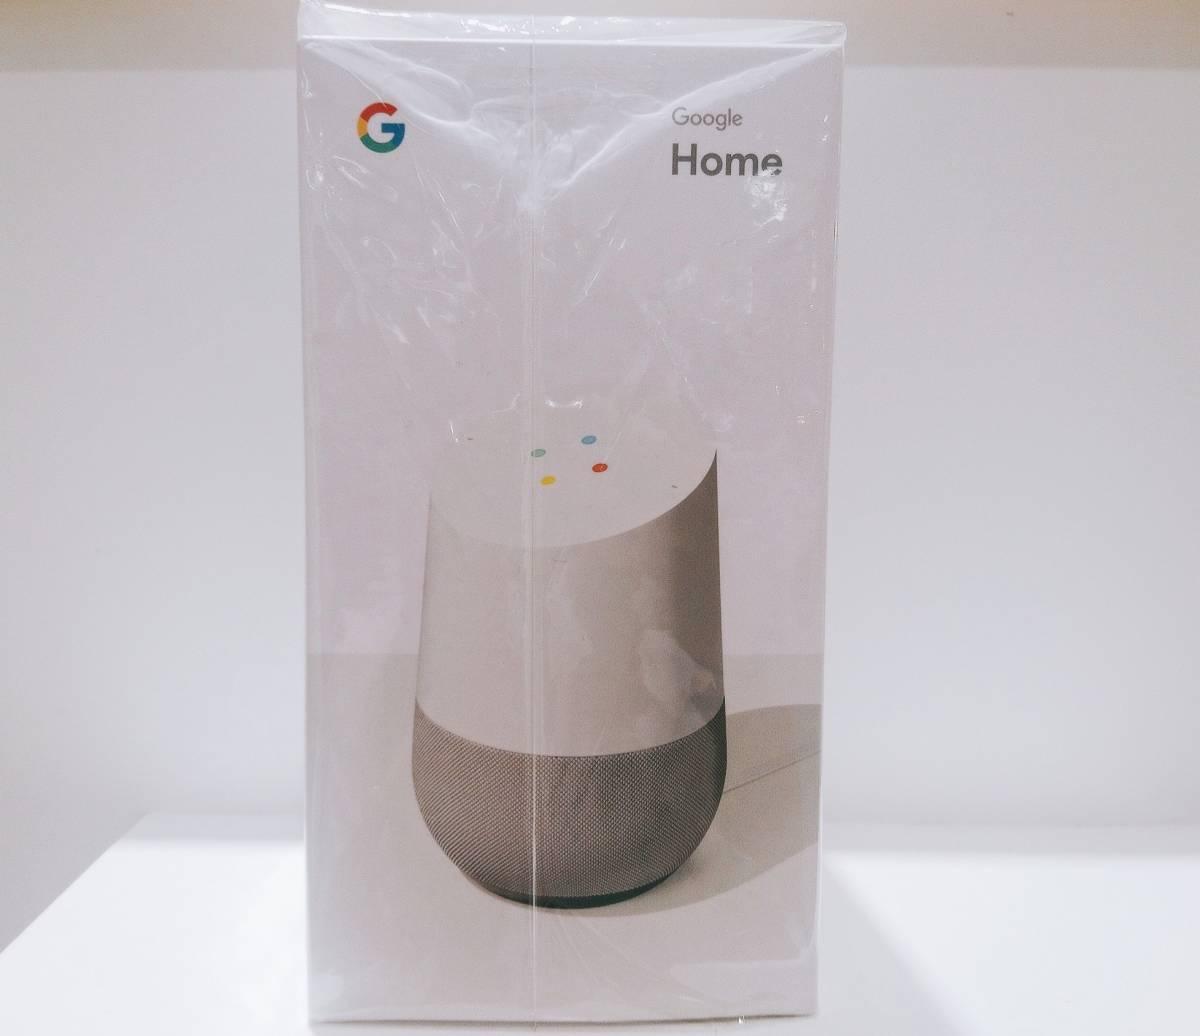 【新品未使用】☆Google☆グーグル☆Google Home☆グーグルホーム☆スピーカー☆音声認識☆ハンズフリー☆AIスピーカー☆